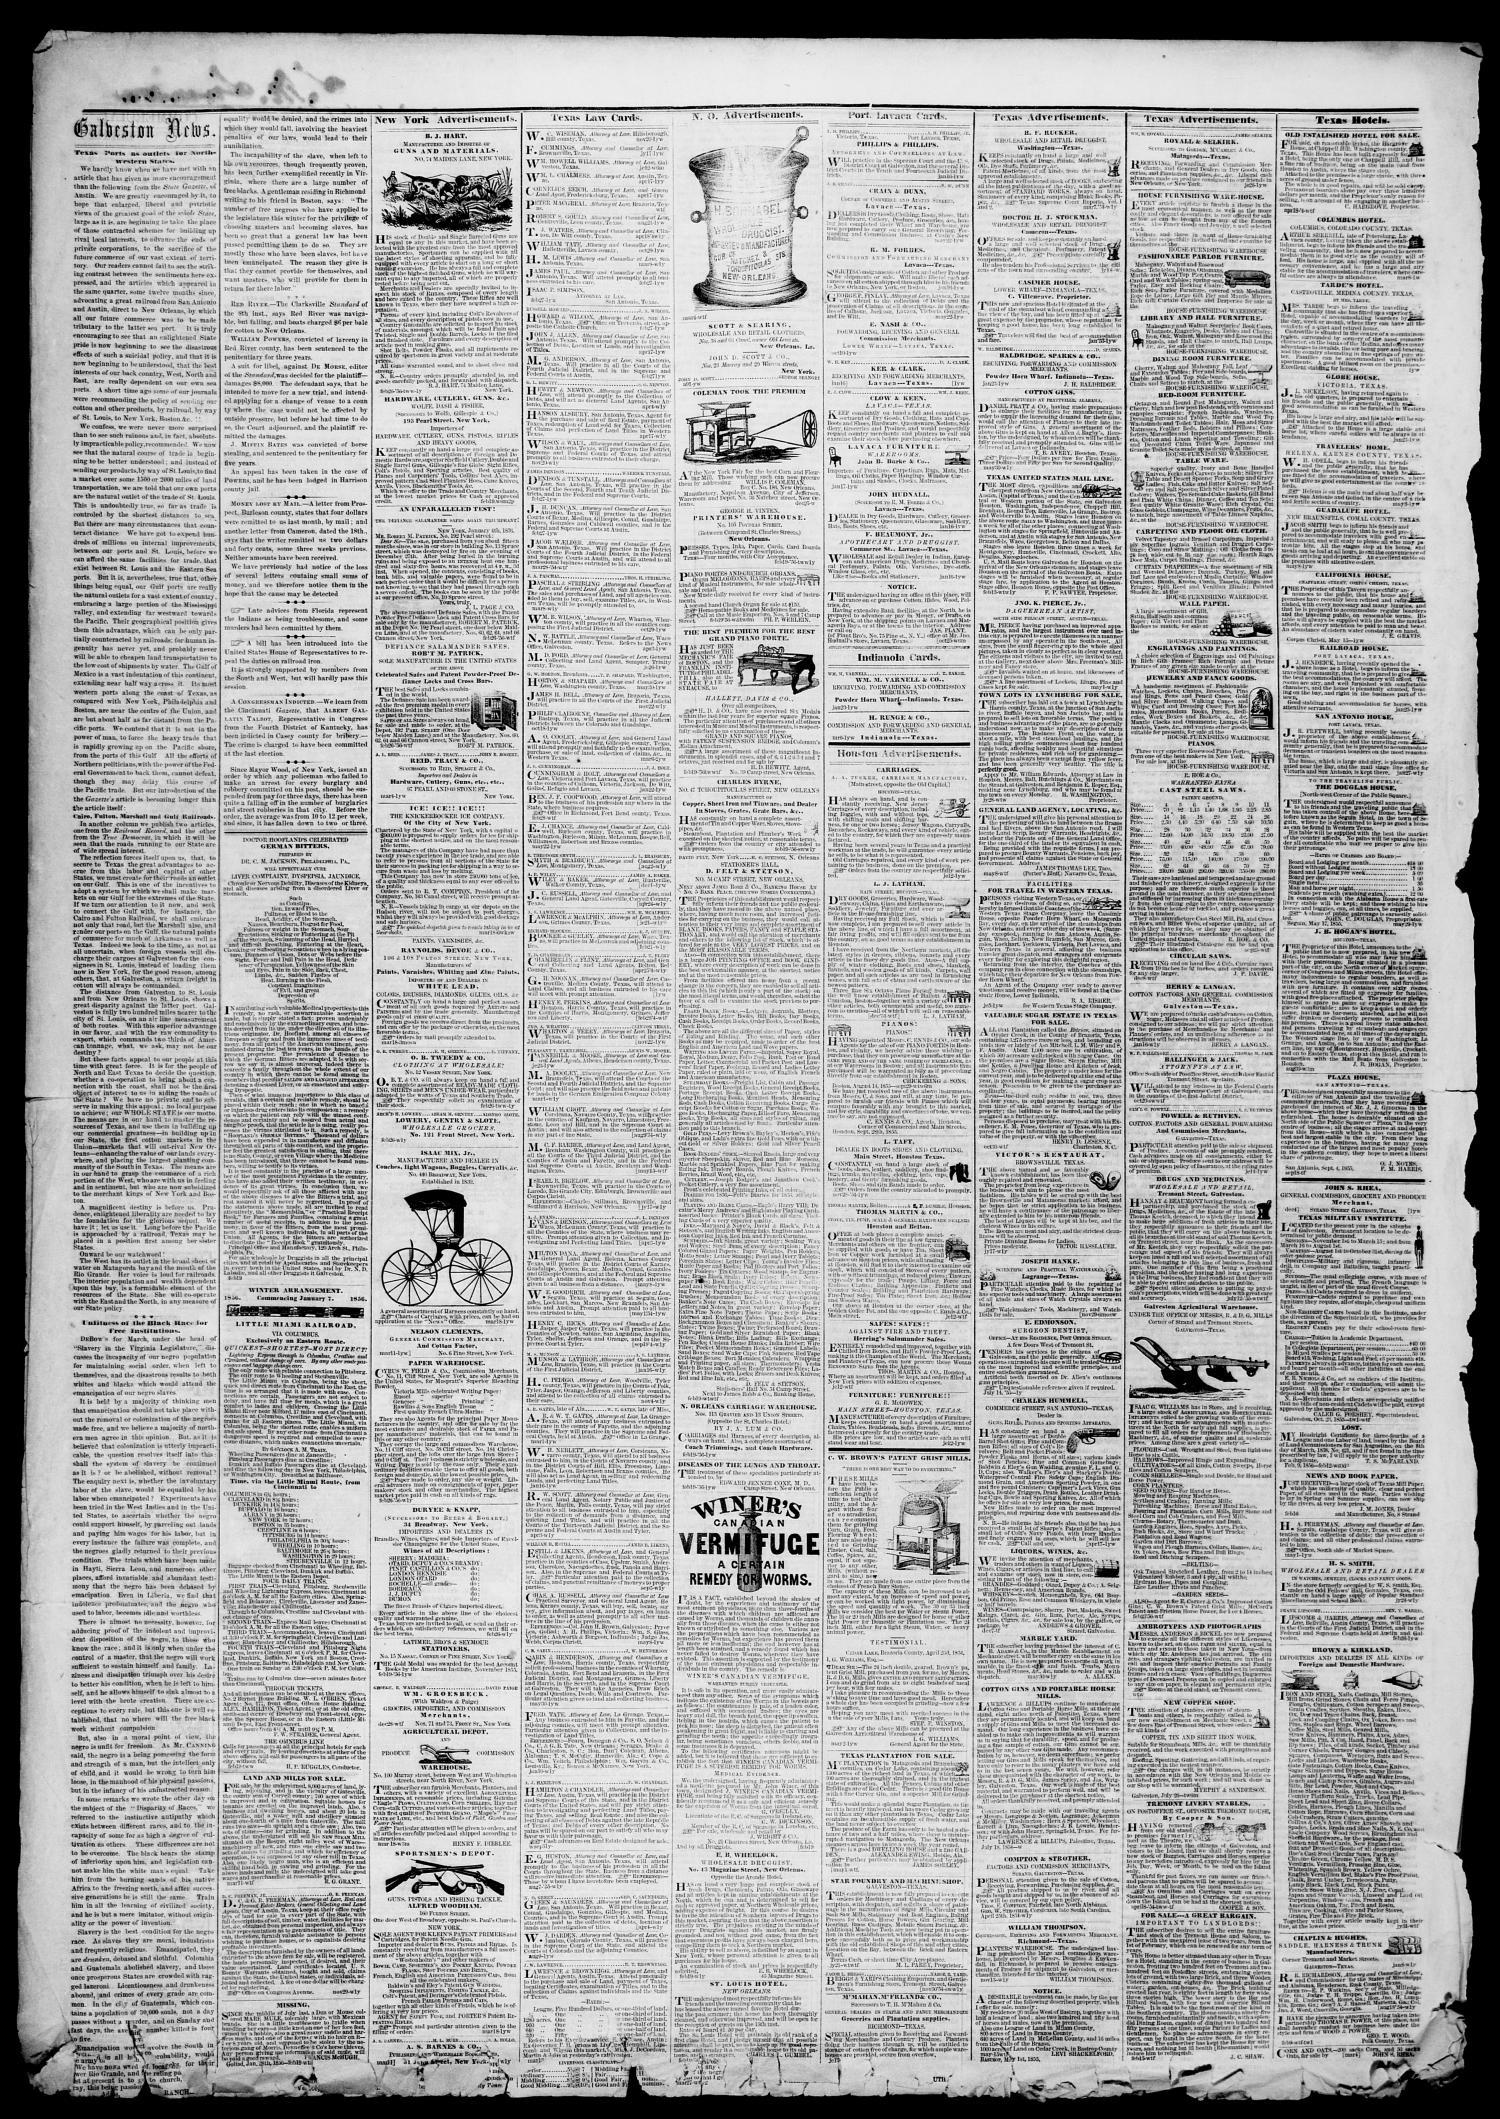 9b02413c7f6 Galveston Weekly News (Galveston, Tex.), Vol. 13, [No. 2A], Ed. 1 ...